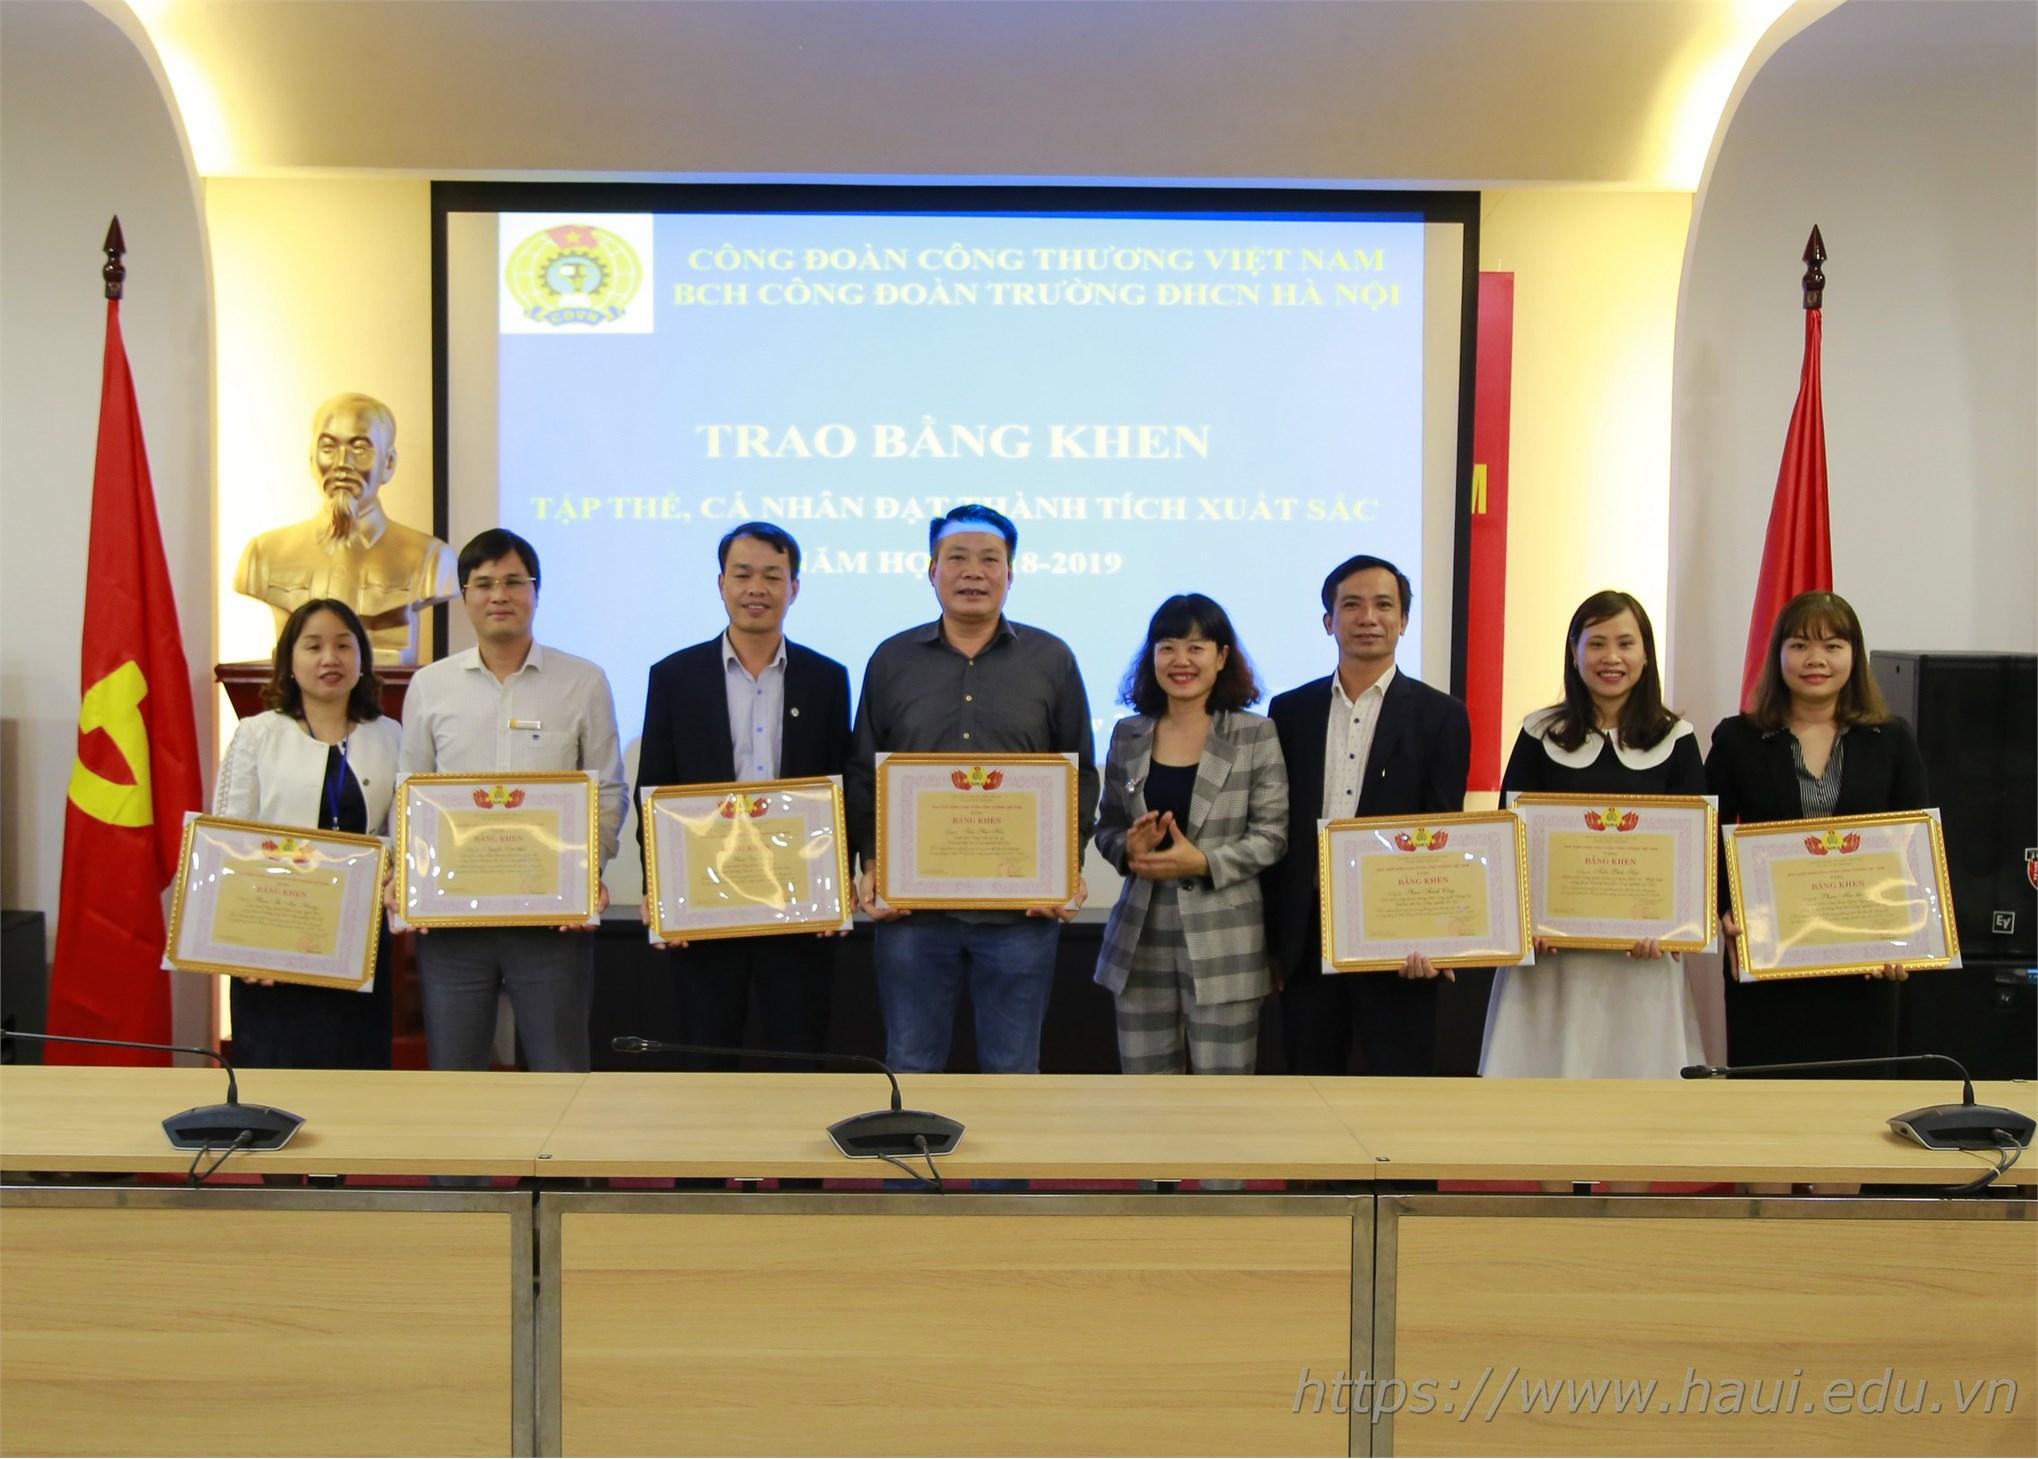 Công đoàn Đại học Công nghiệp Hà Nội Hội nghị tổng kết năm học 2018 - 2019